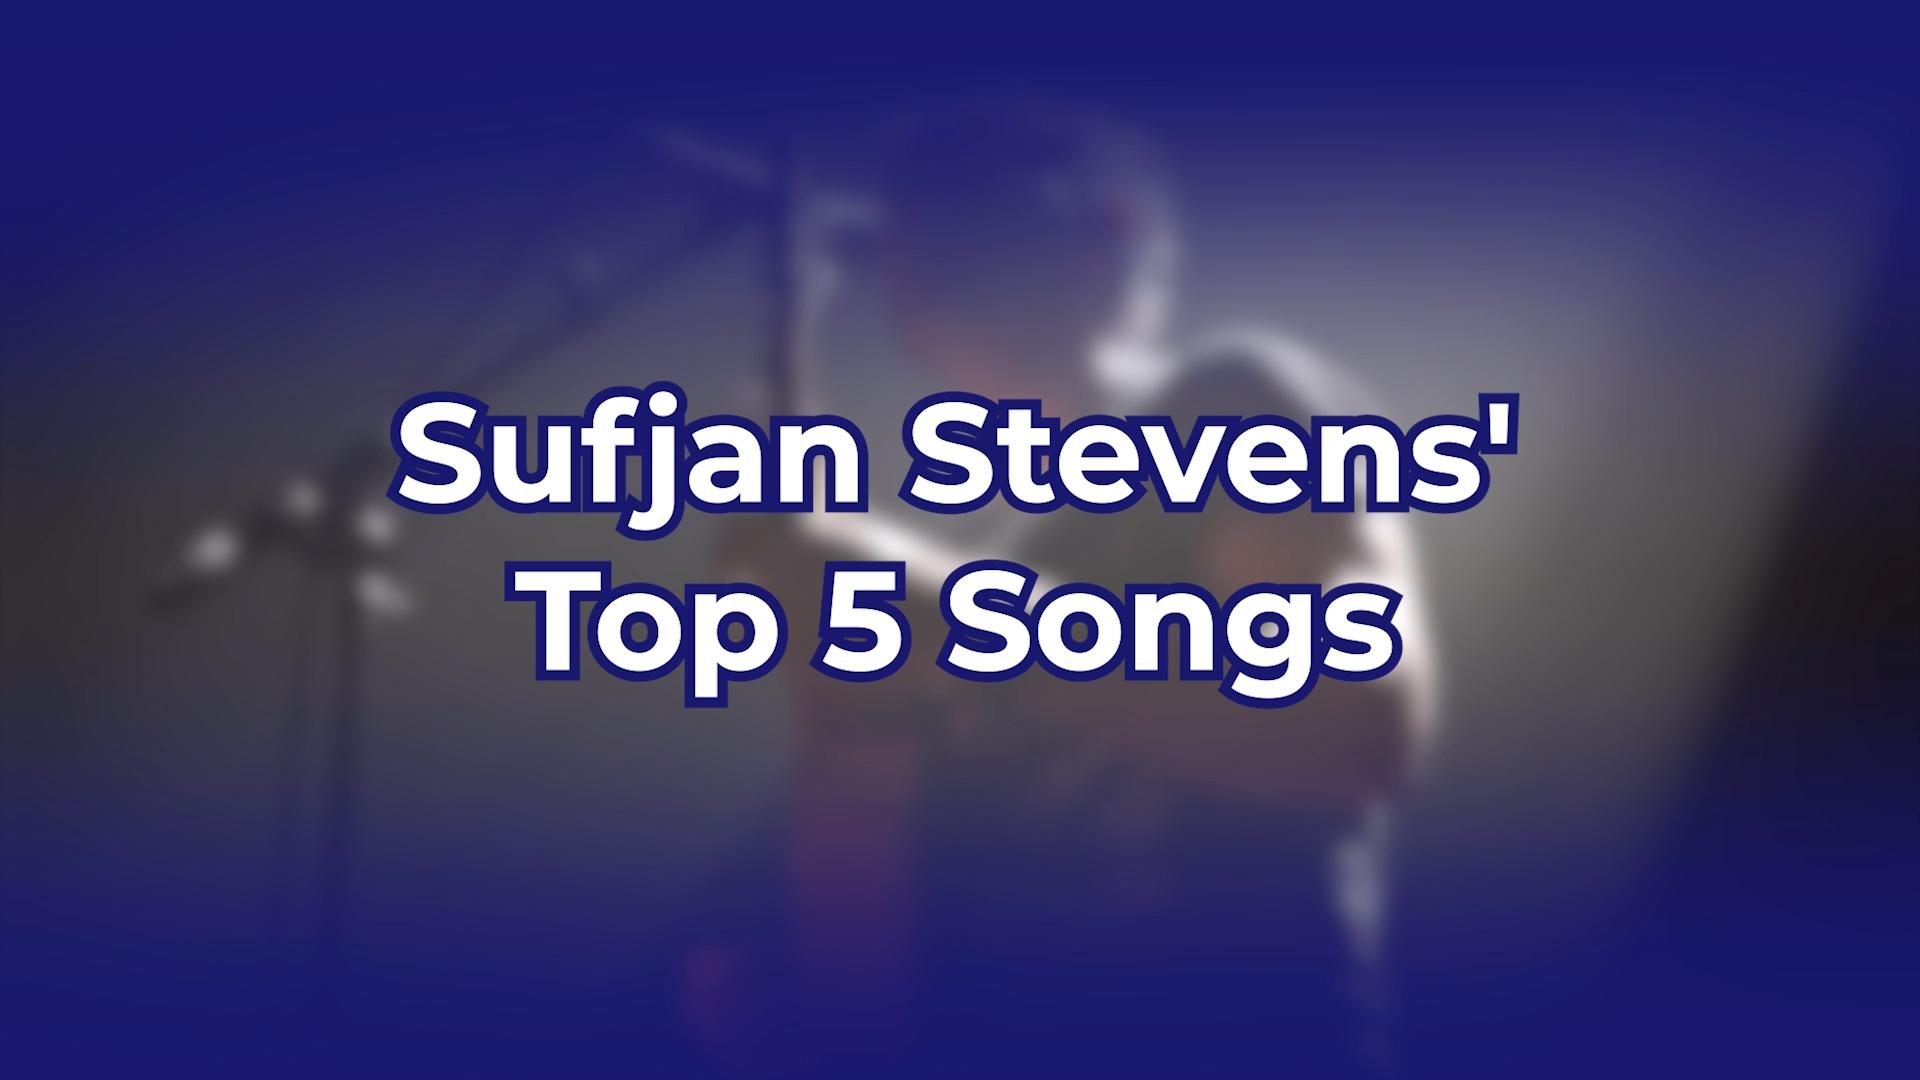 Sufjan Stevens' Top 5 Songs